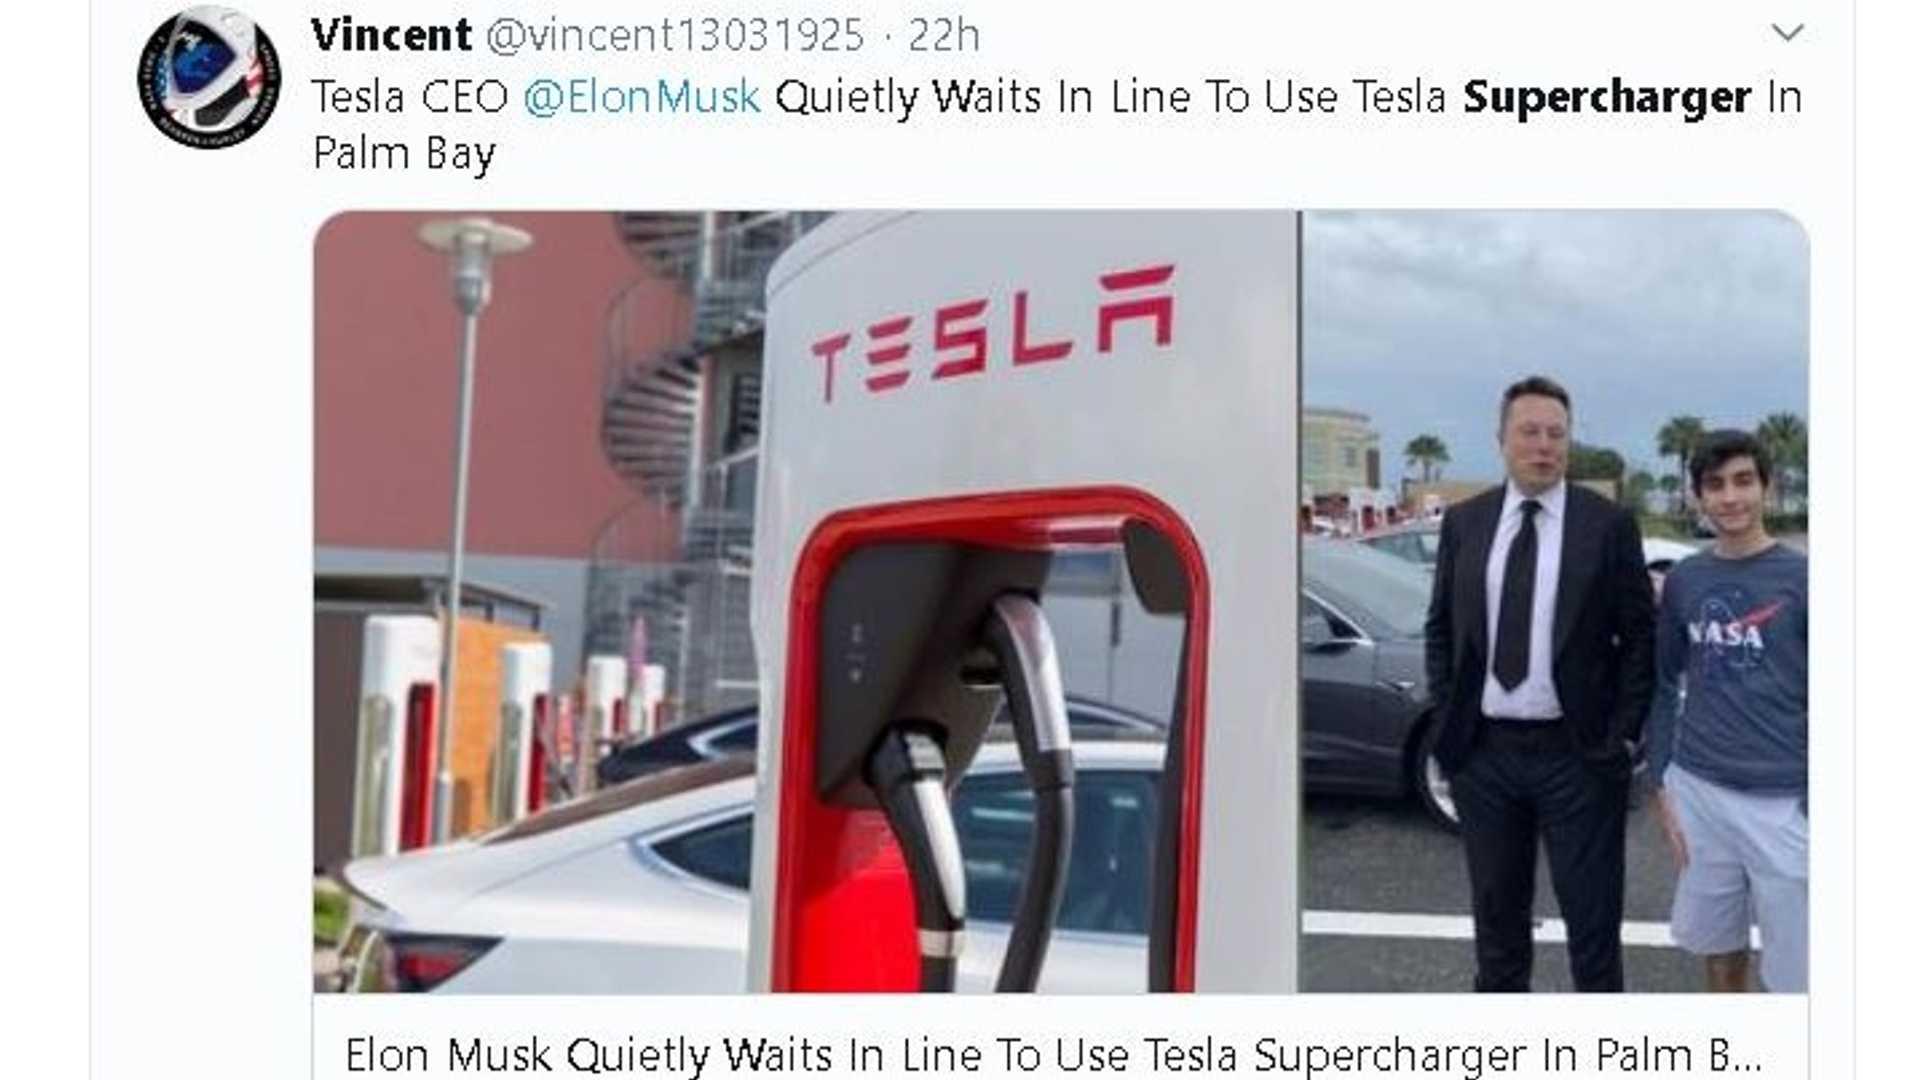 Генеральный директор Tesla Элон Маск ждет суперчаржера, встречает владельцев и поклонников